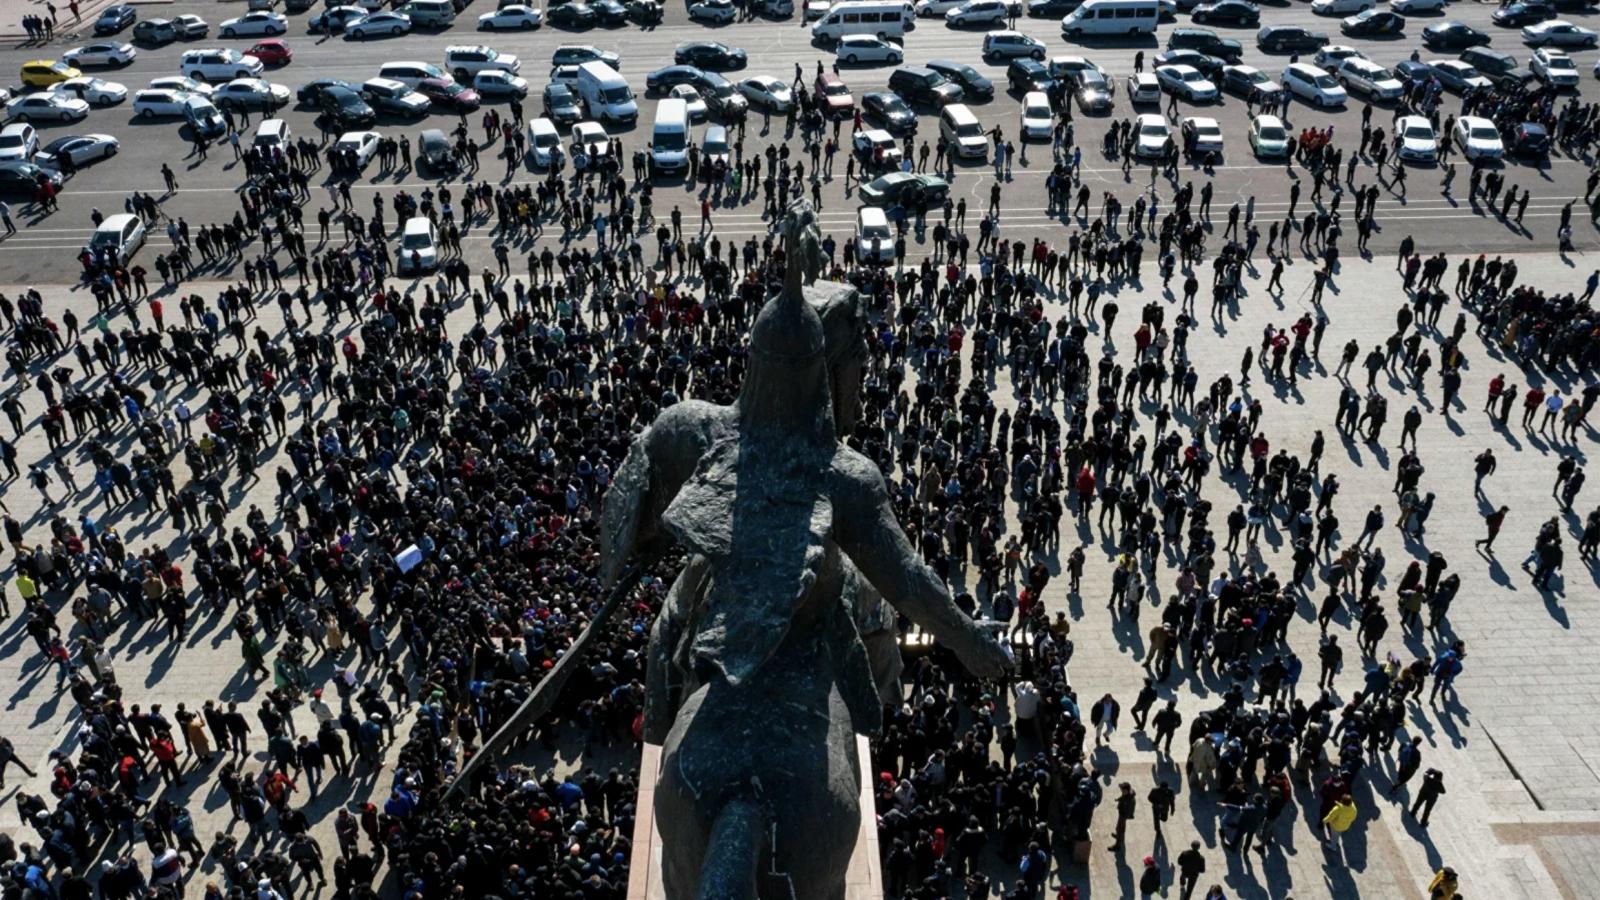 Đảo chính ở Kyrgyzstan thành điểm nóng, cộng đồng quốc tế vẫn đứng ngoài?